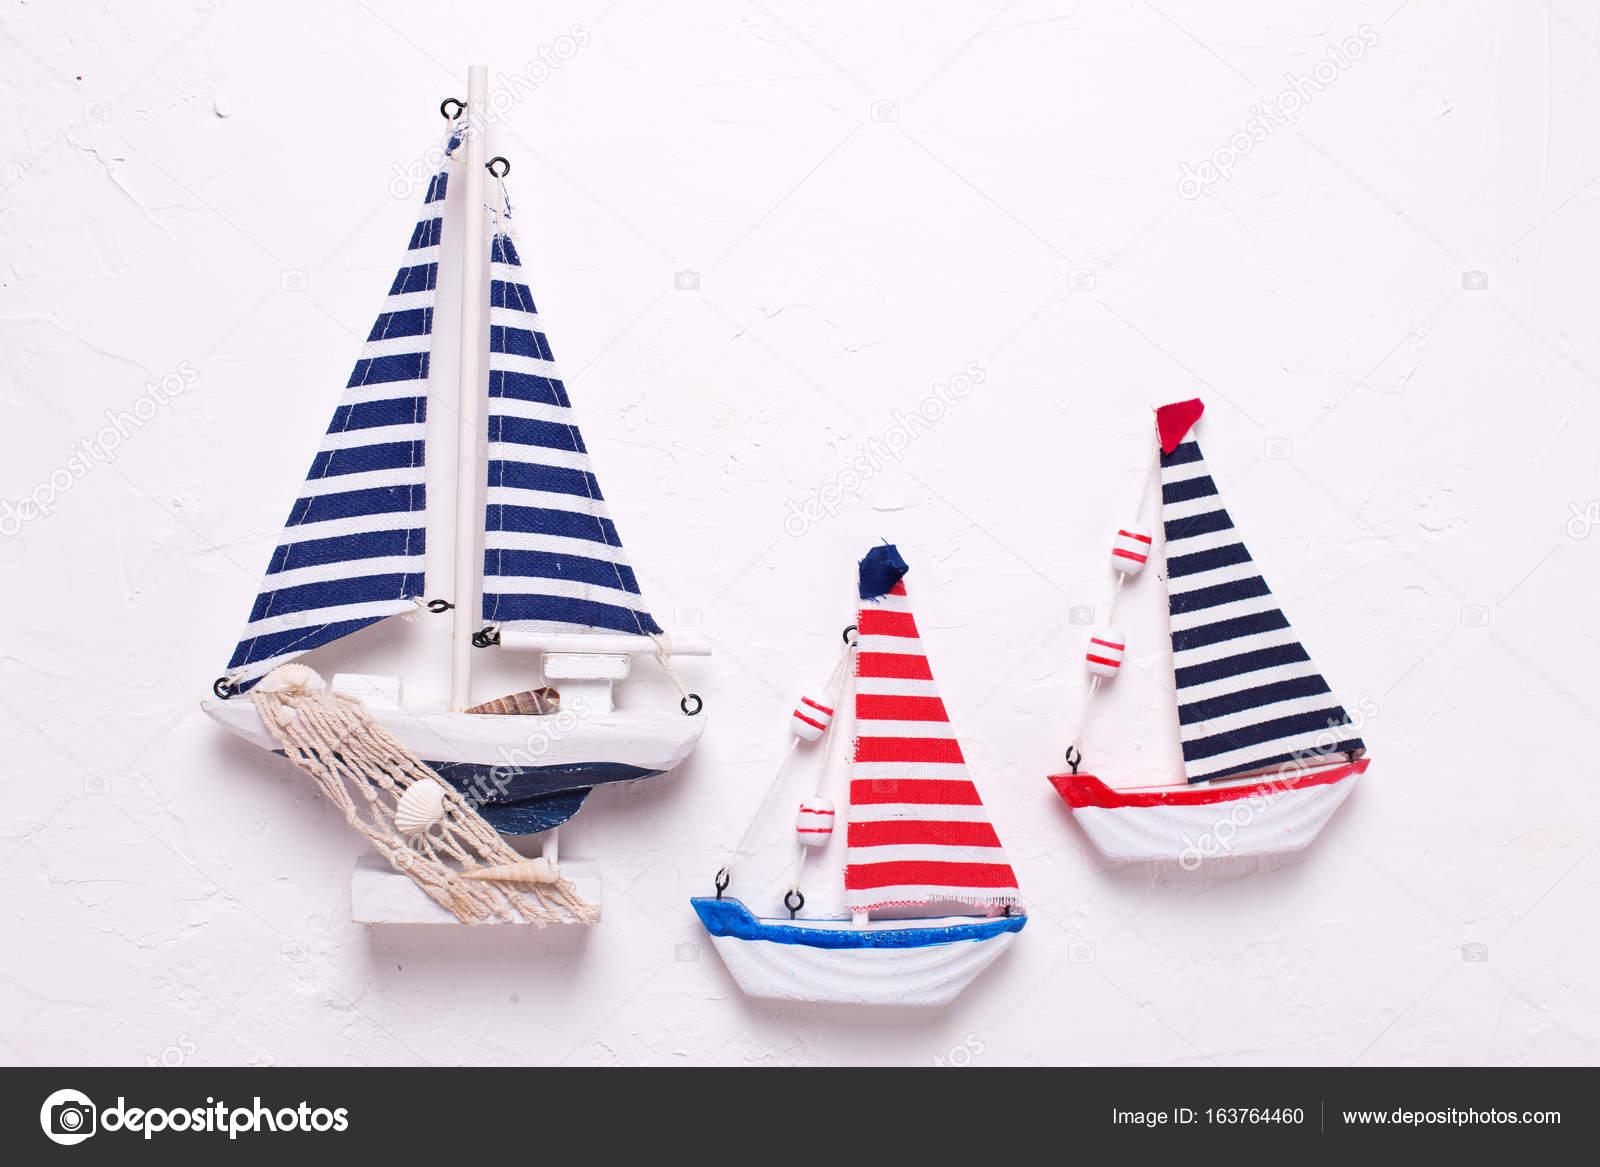 Stock Tres De — Juguetes Decorativo Fotos Madera Barcos 3AjL5R4